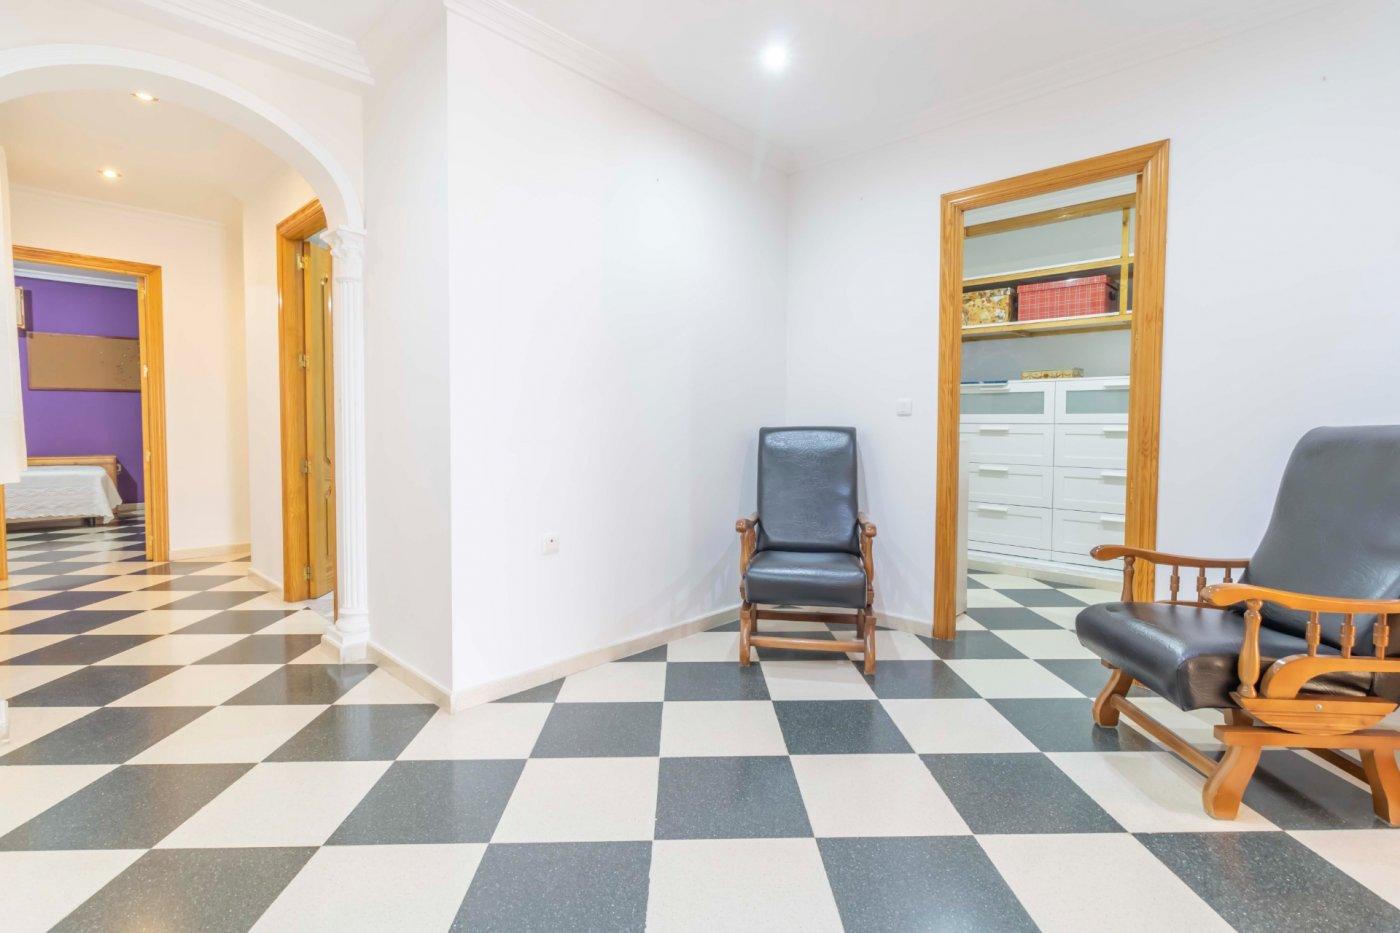 Casa a la venta en zona padre pÍo - imagenInmueble14